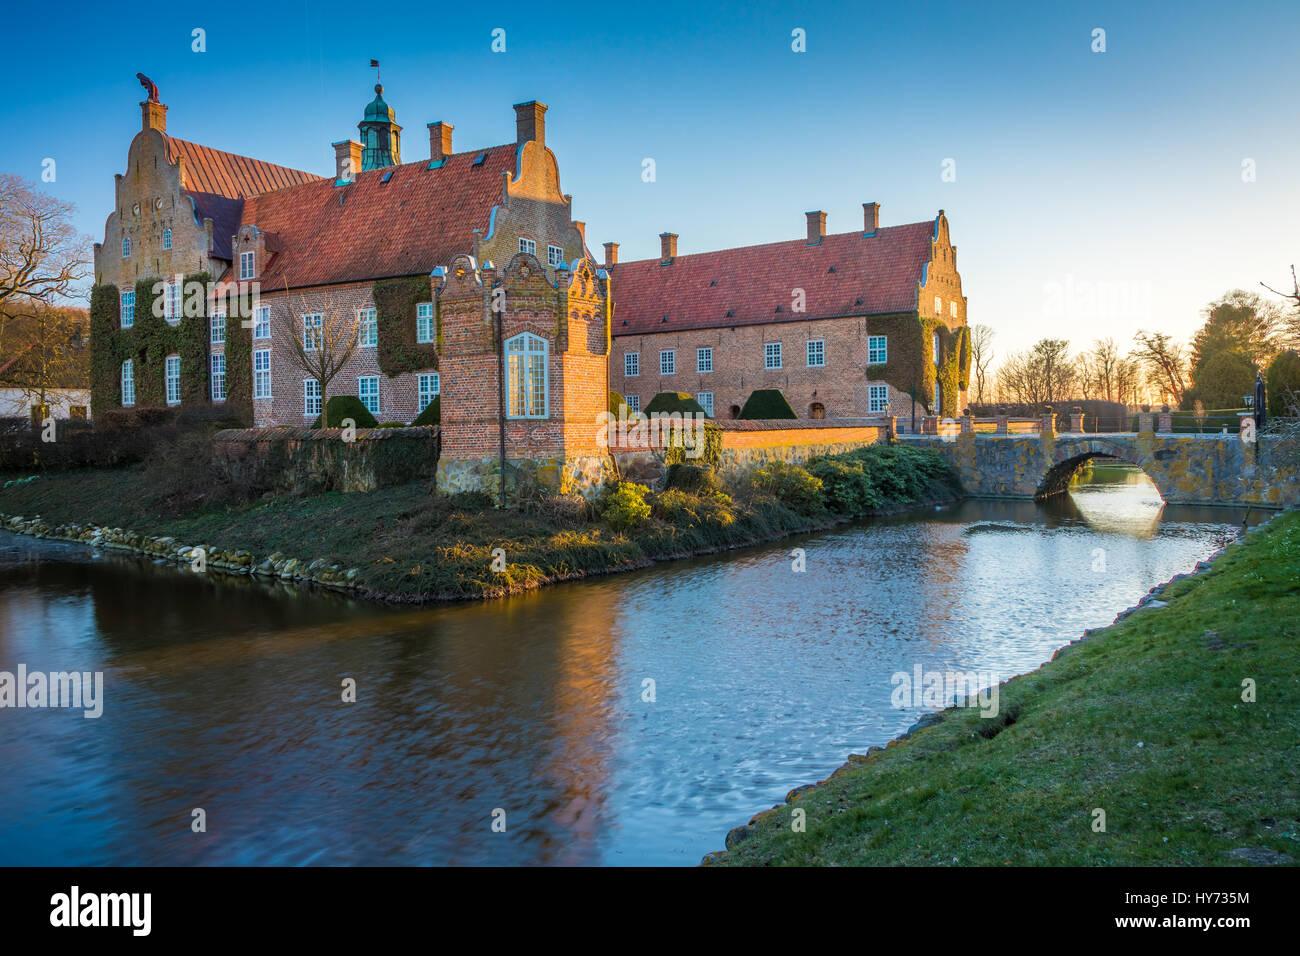 Il castello di Trolle-Ljungby (Svedese: Trolle-Ljungby slott) è un castello in Kristianstad comune, Scania Immagini Stock